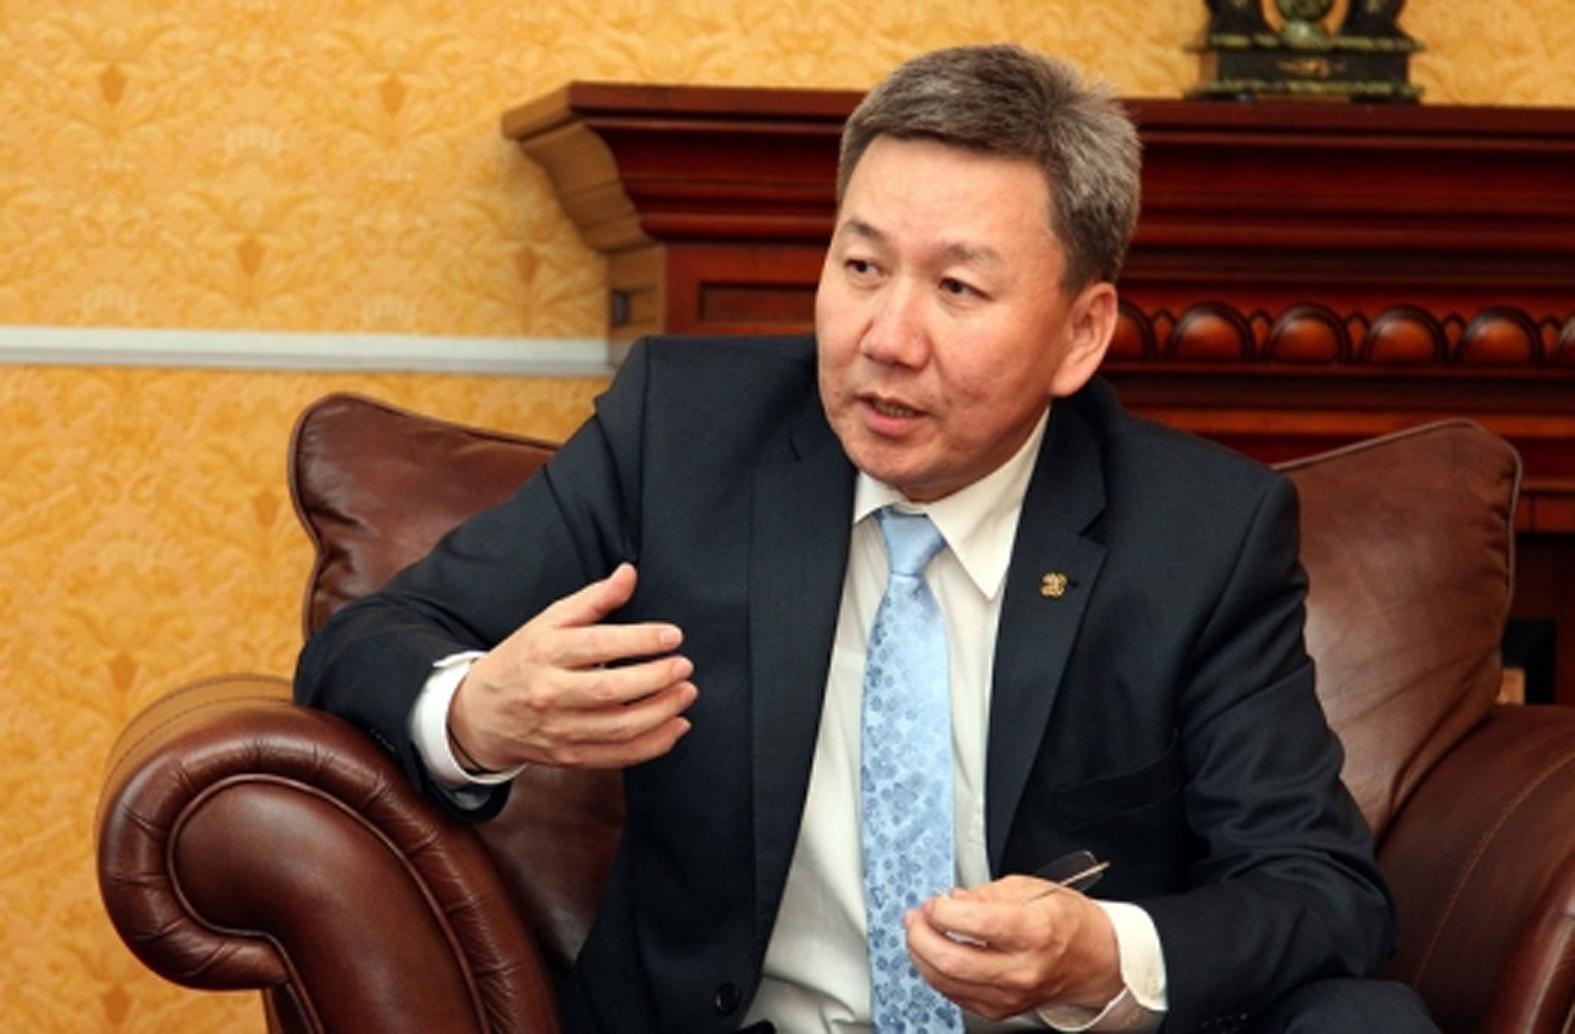 Л.Болд: Энэ сонгууль Монголын ард түмэн баялгийнхаа эзэн байх эсэхийг шийднэ